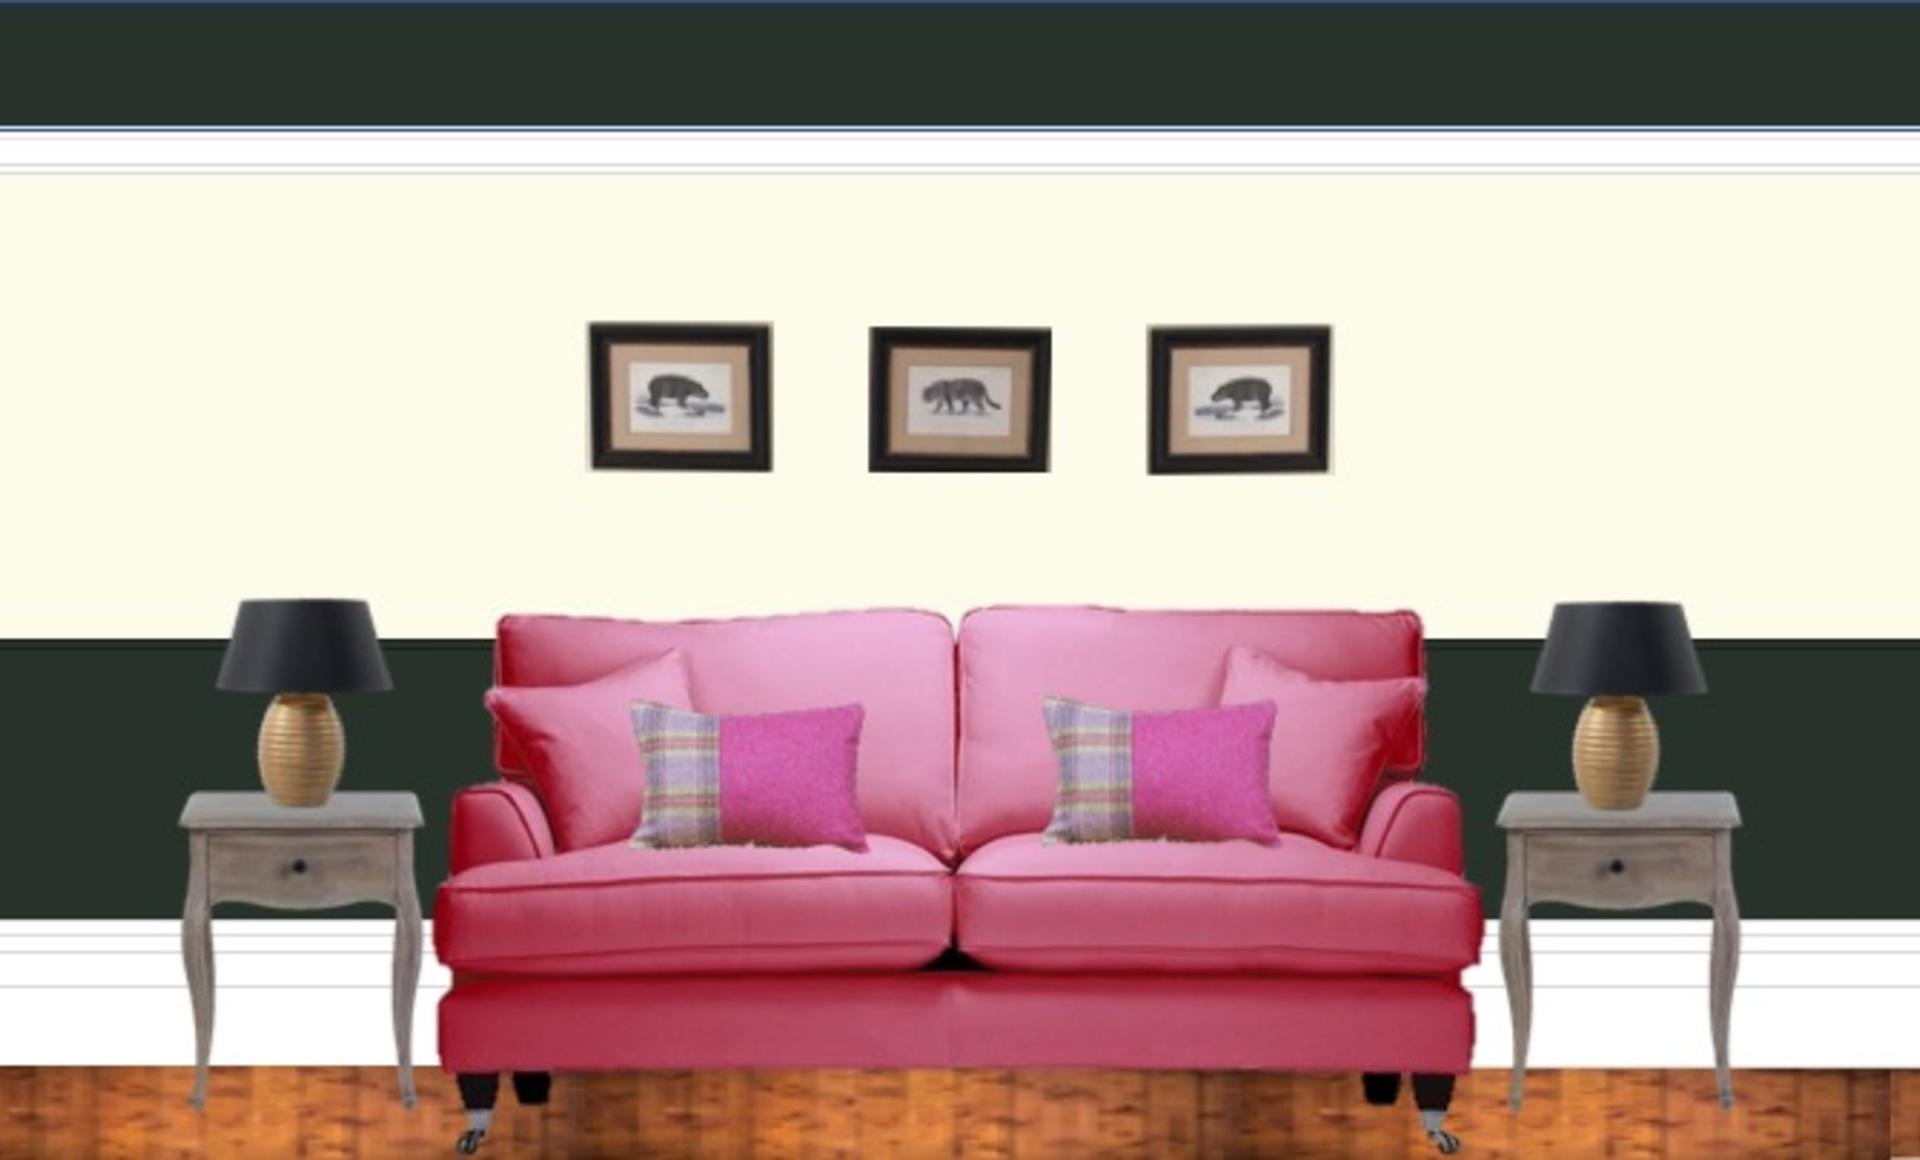 Amelia livingroom feb2019 2delevation2